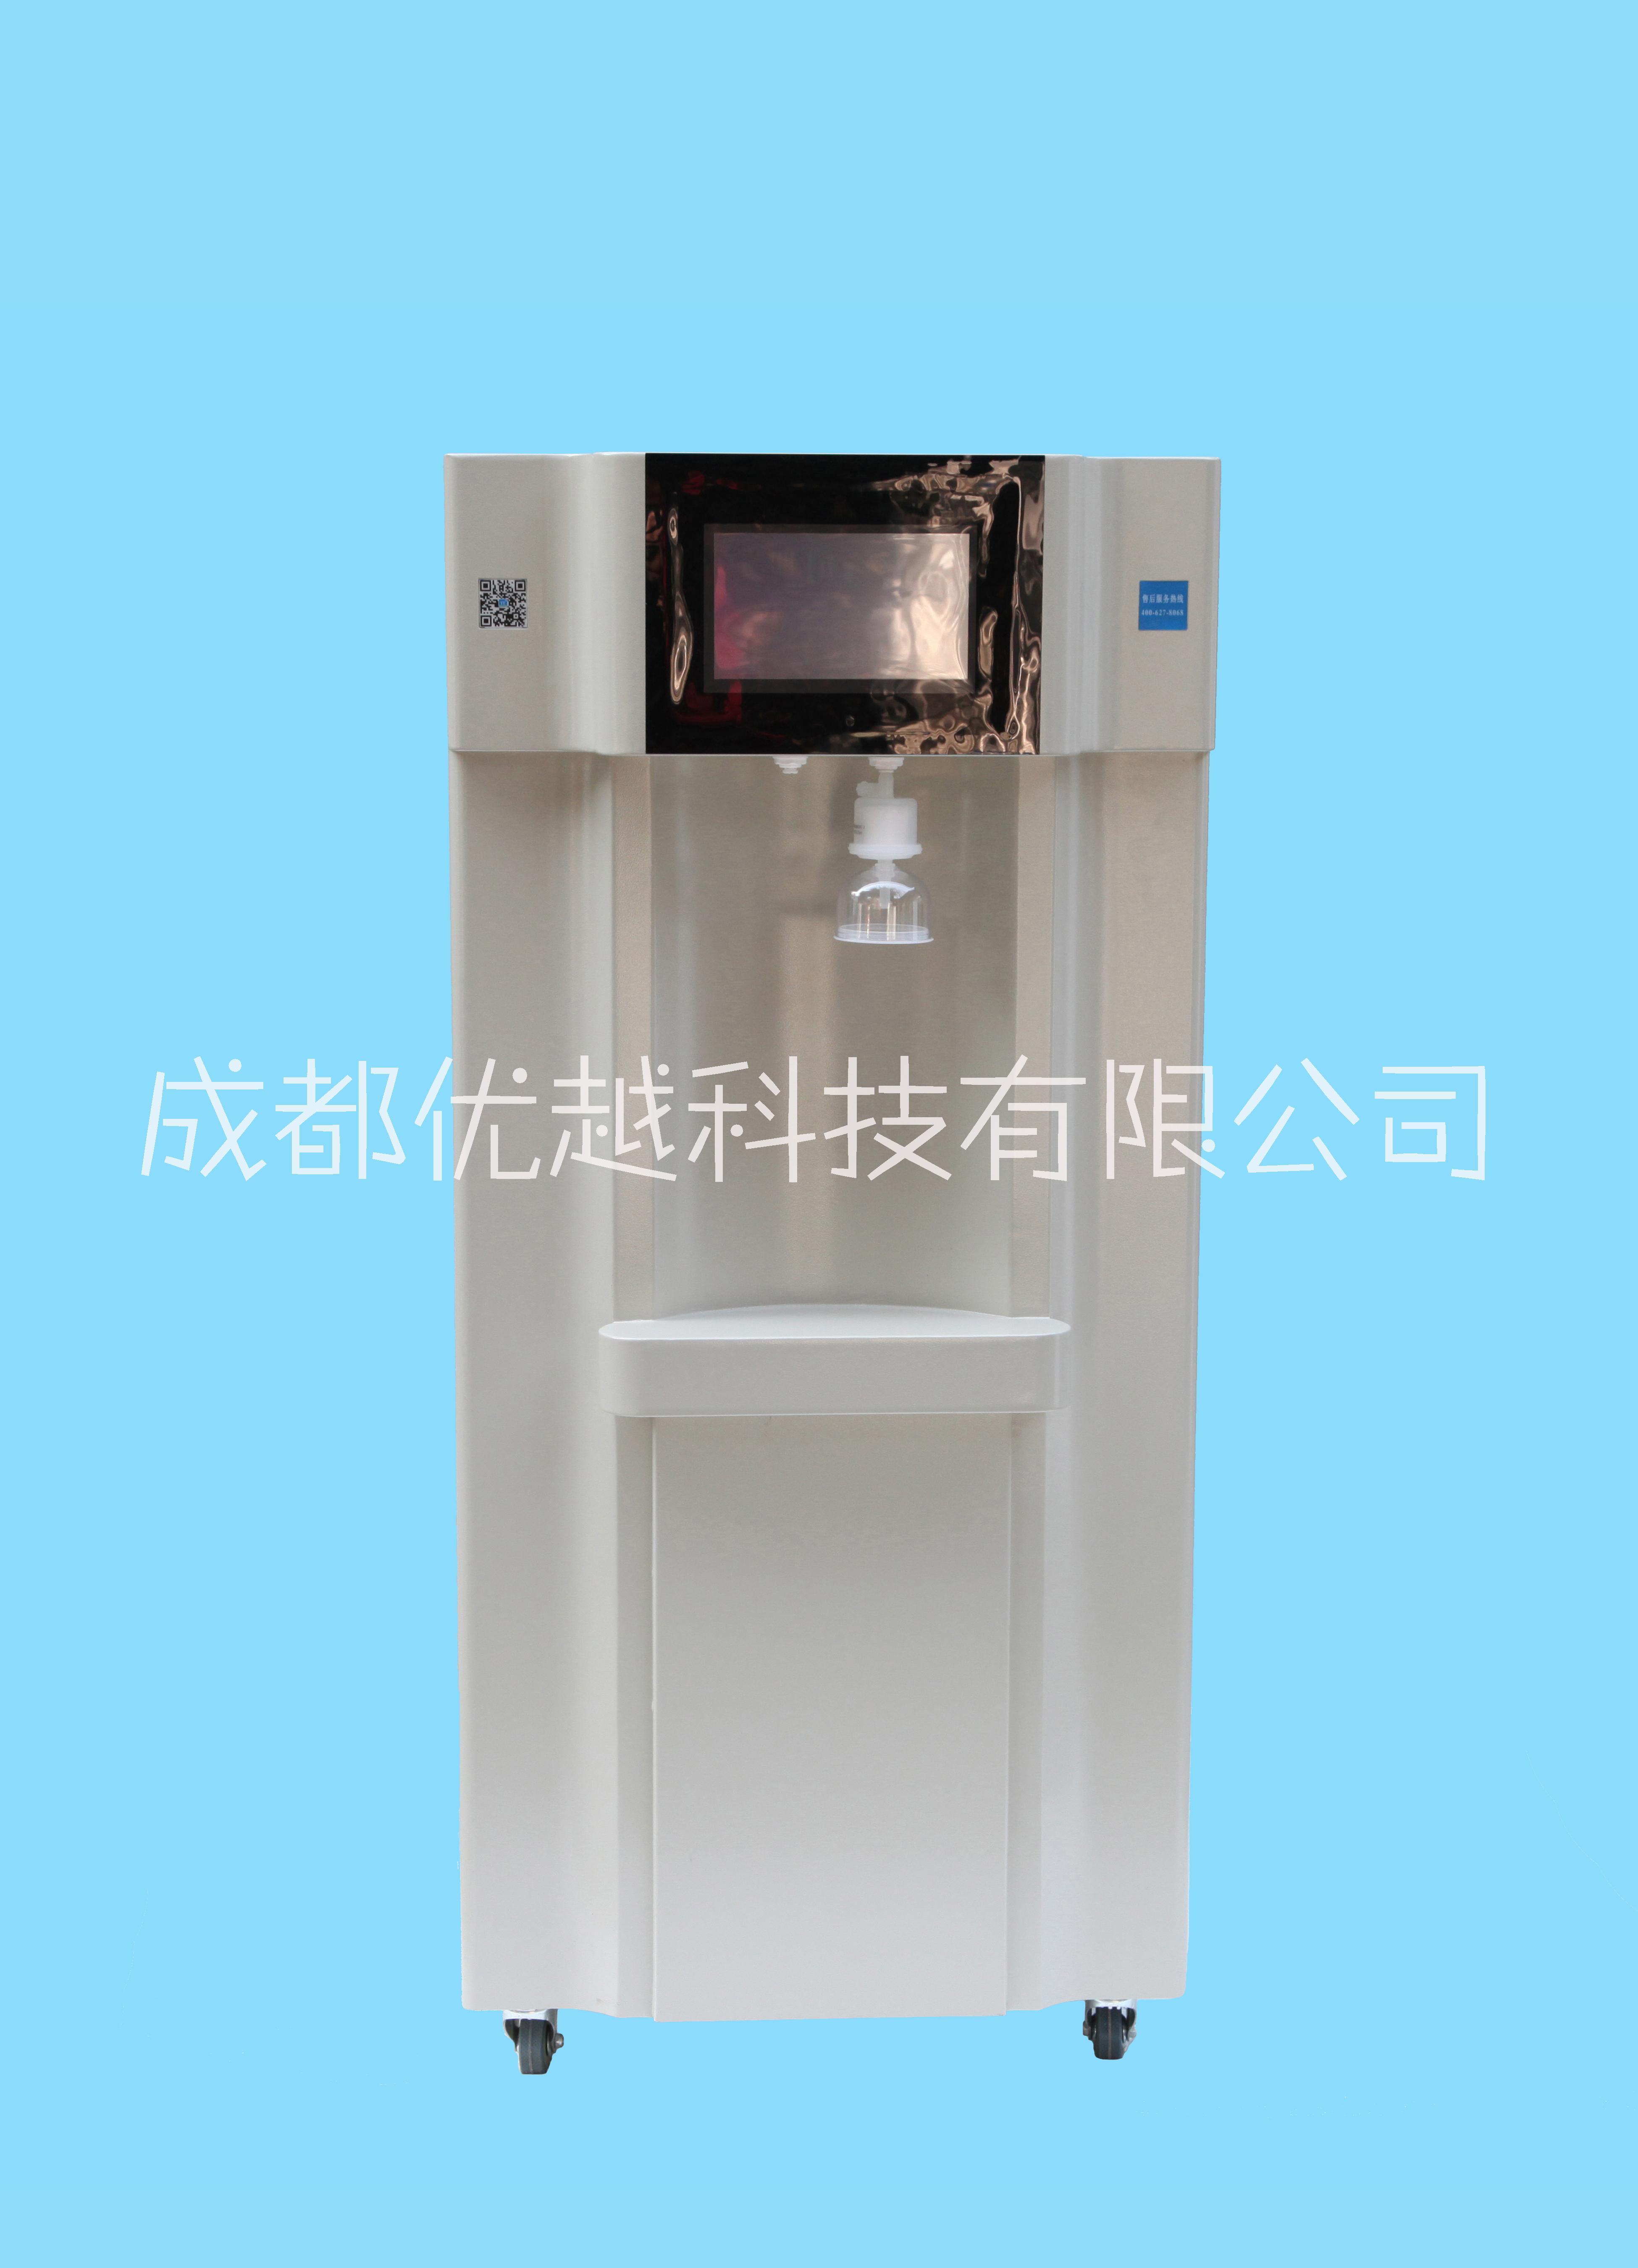 重庆触摸屏超纯水器供应商、批发、厂家电话【成都优越科技有限公司】